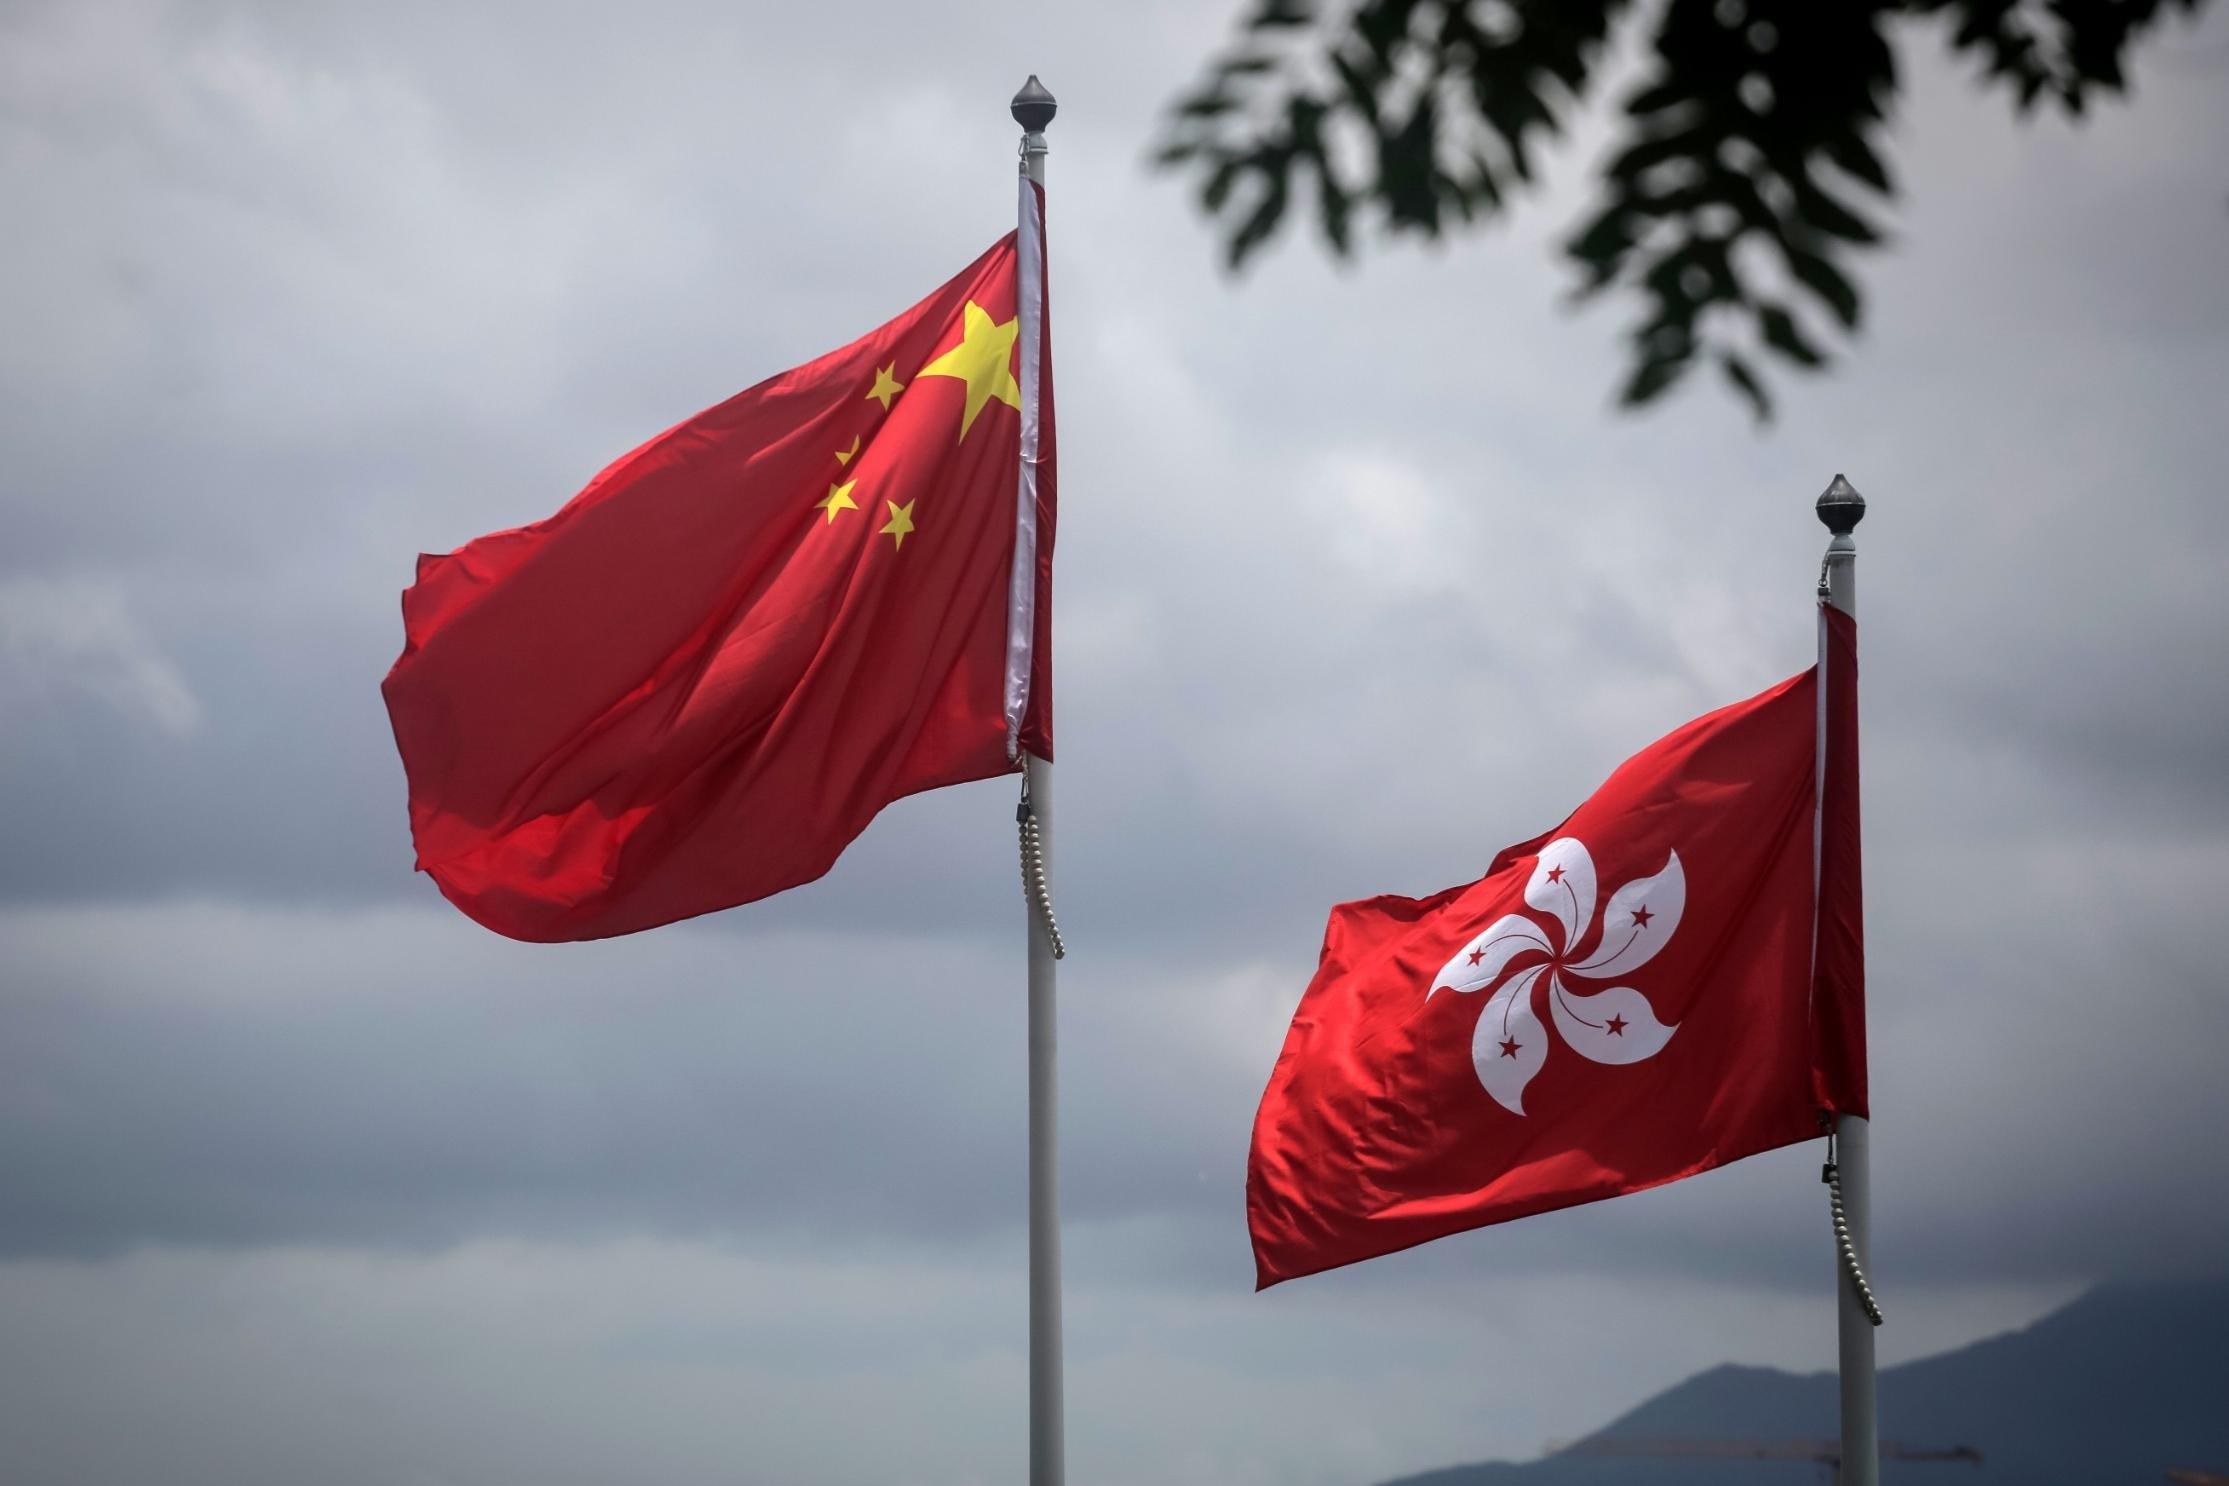 المجلس الوطني الصيني يوافق على مشروع القرار المتعلق بهونغ كونغ